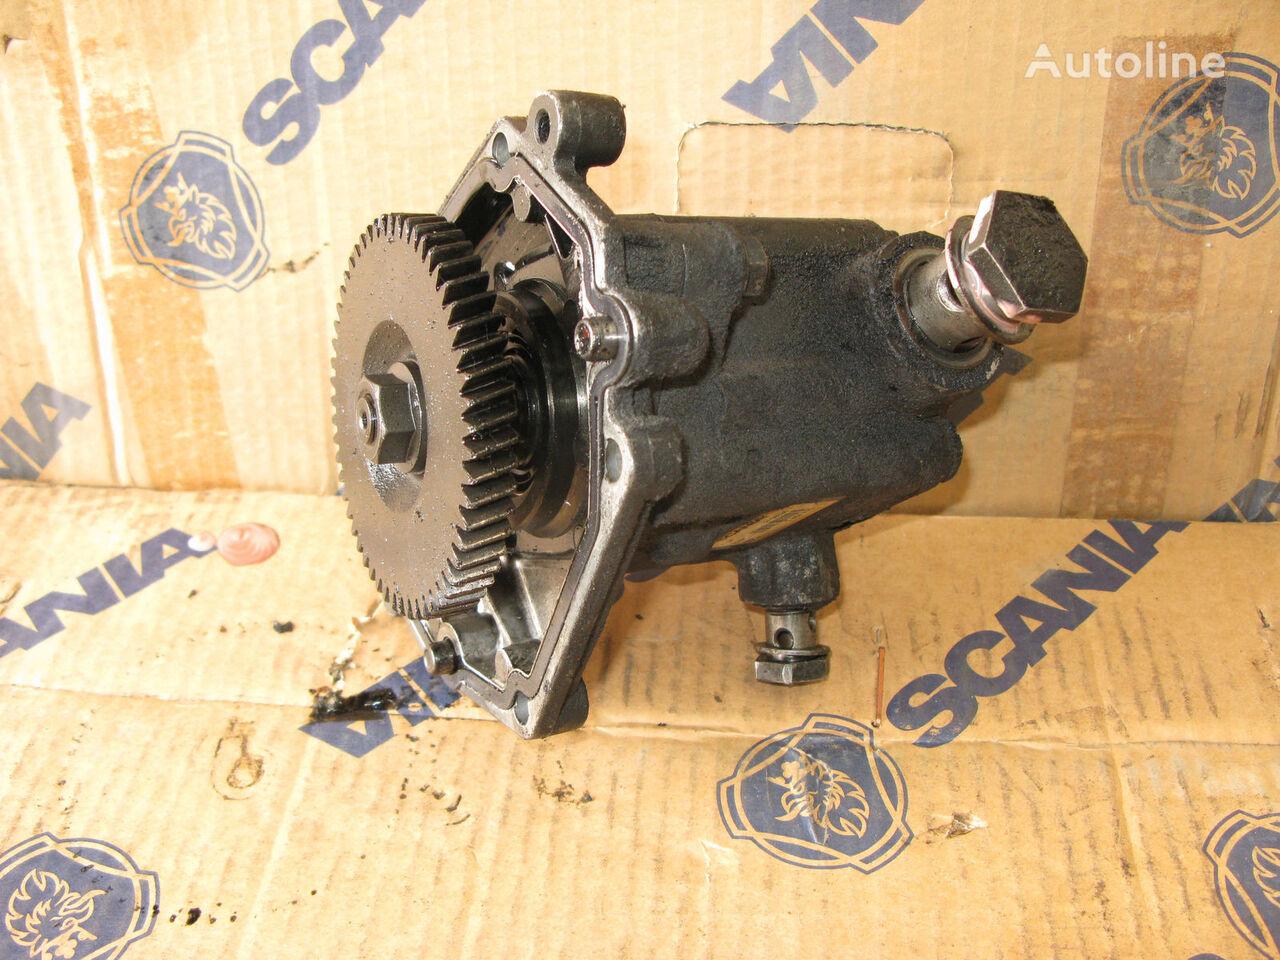 SCANIA UKŁADU KIEROWNICZEGO power steering pump for SCANIA tractor unit